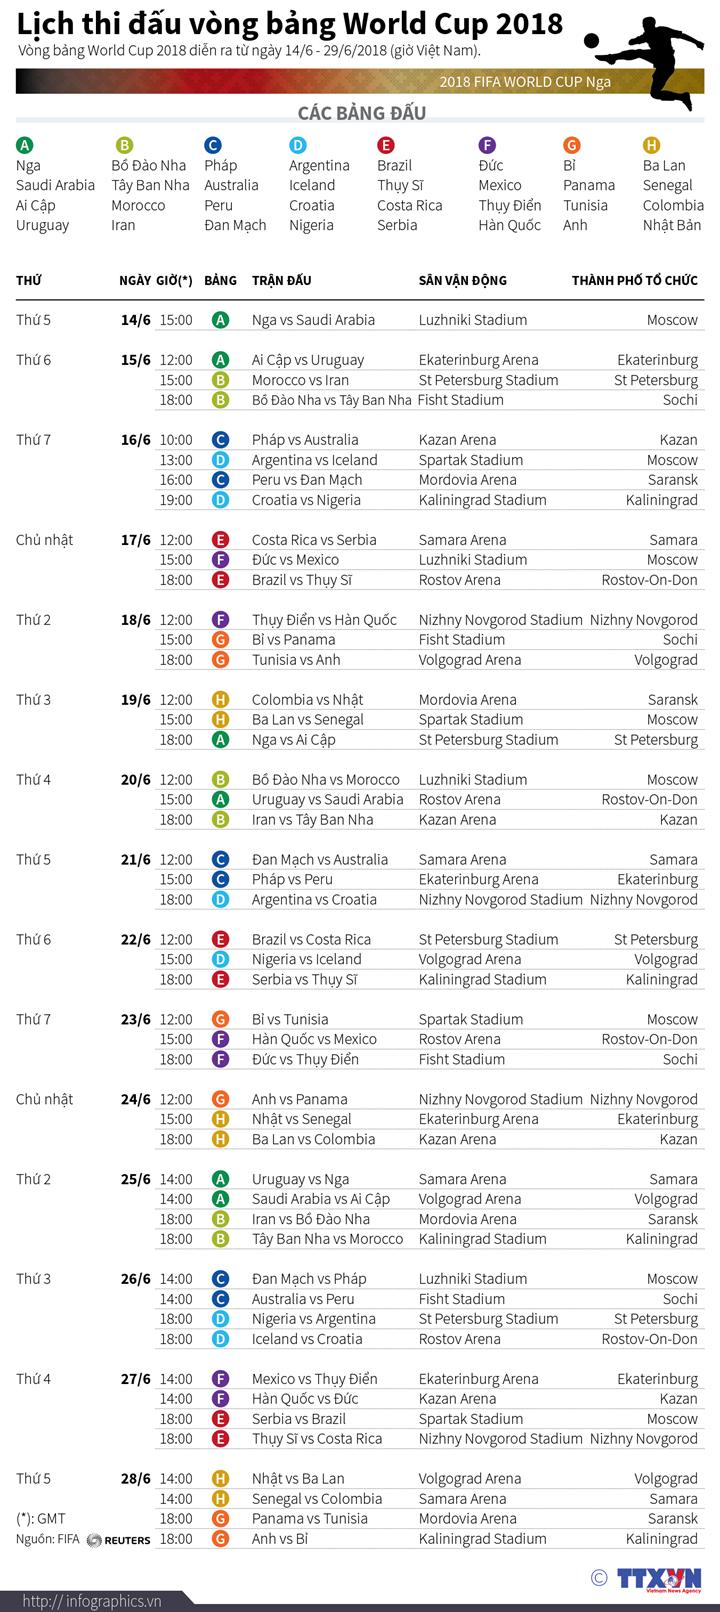 Lịch thi đấu vòng bảng World Cup 2018